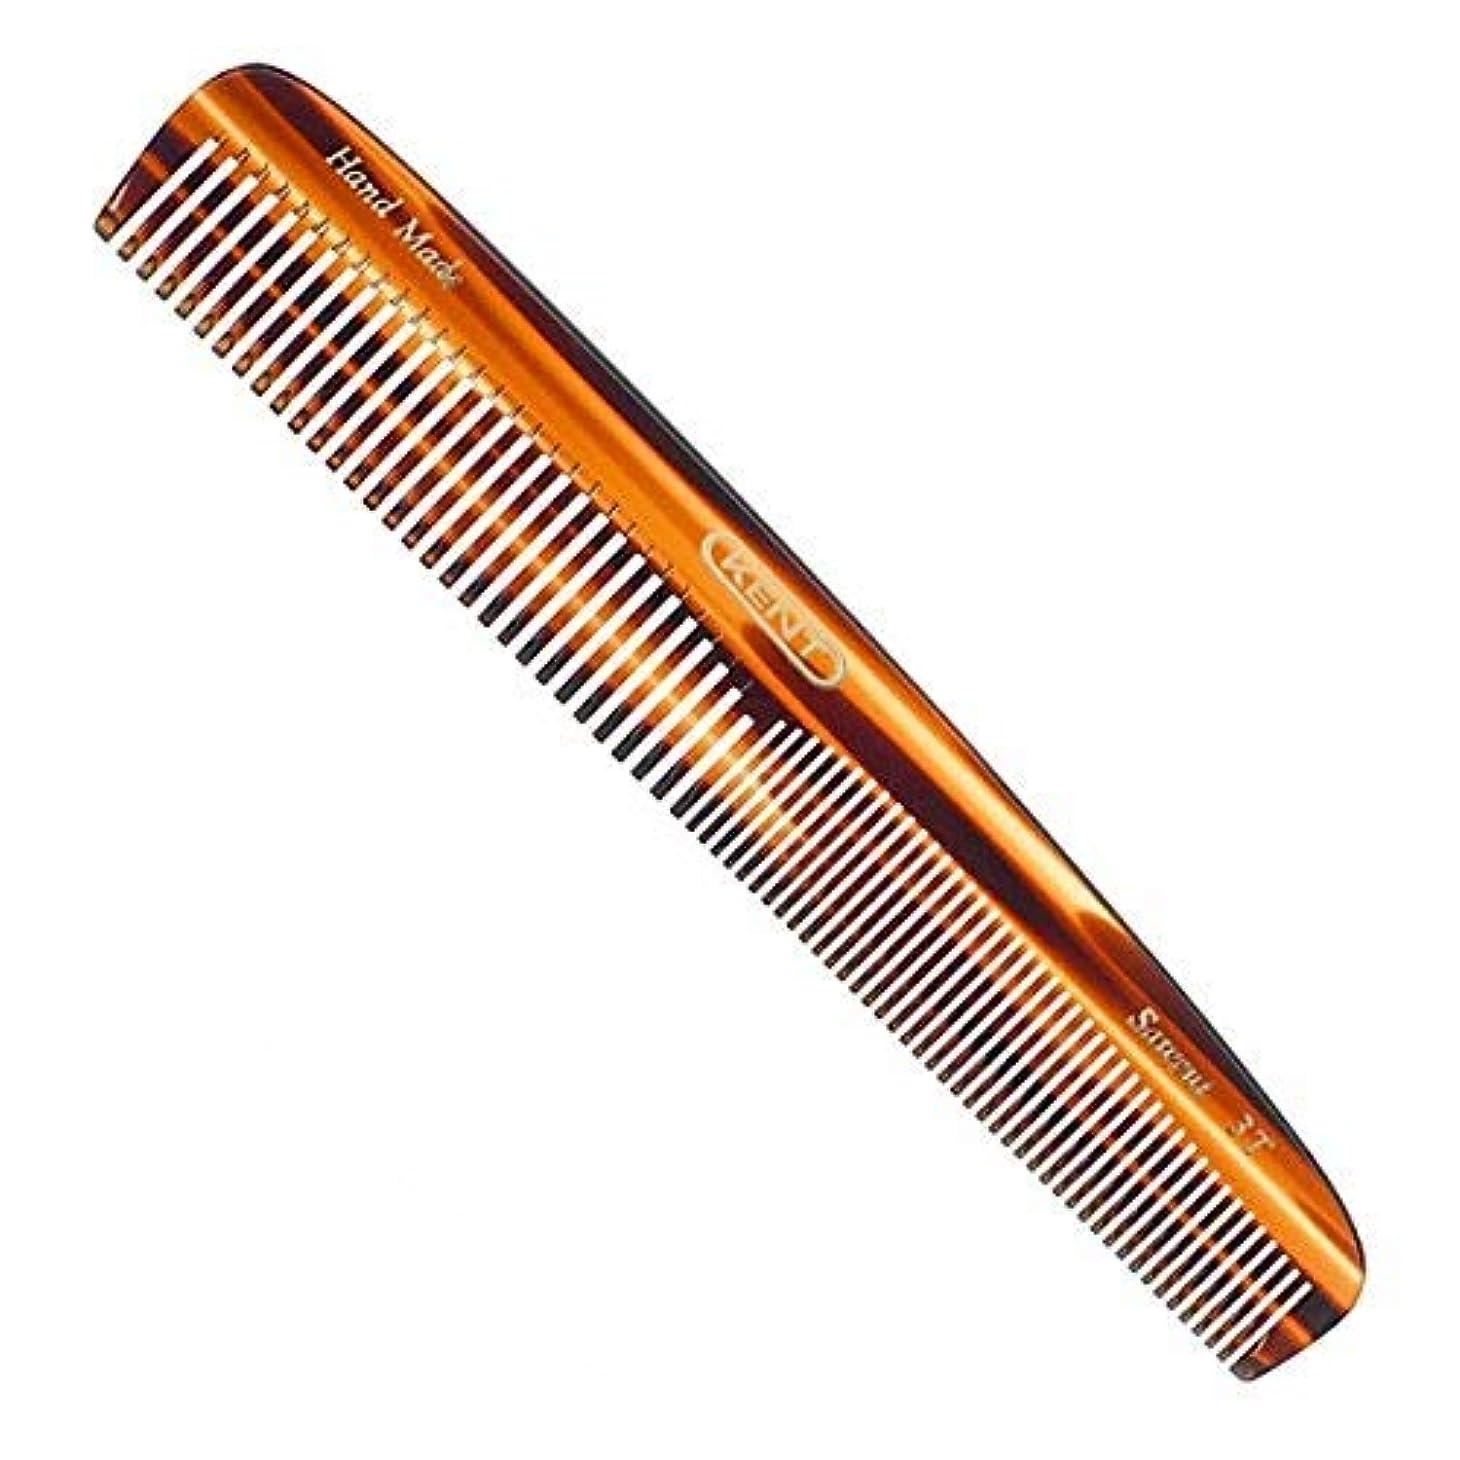 たとえバーター到着Kent Handmade Saw Cut 148 Millimeter Coarse and Fine Tooth Dressing Comb, Hand Sawn Cellulose Acetate with Rounded...